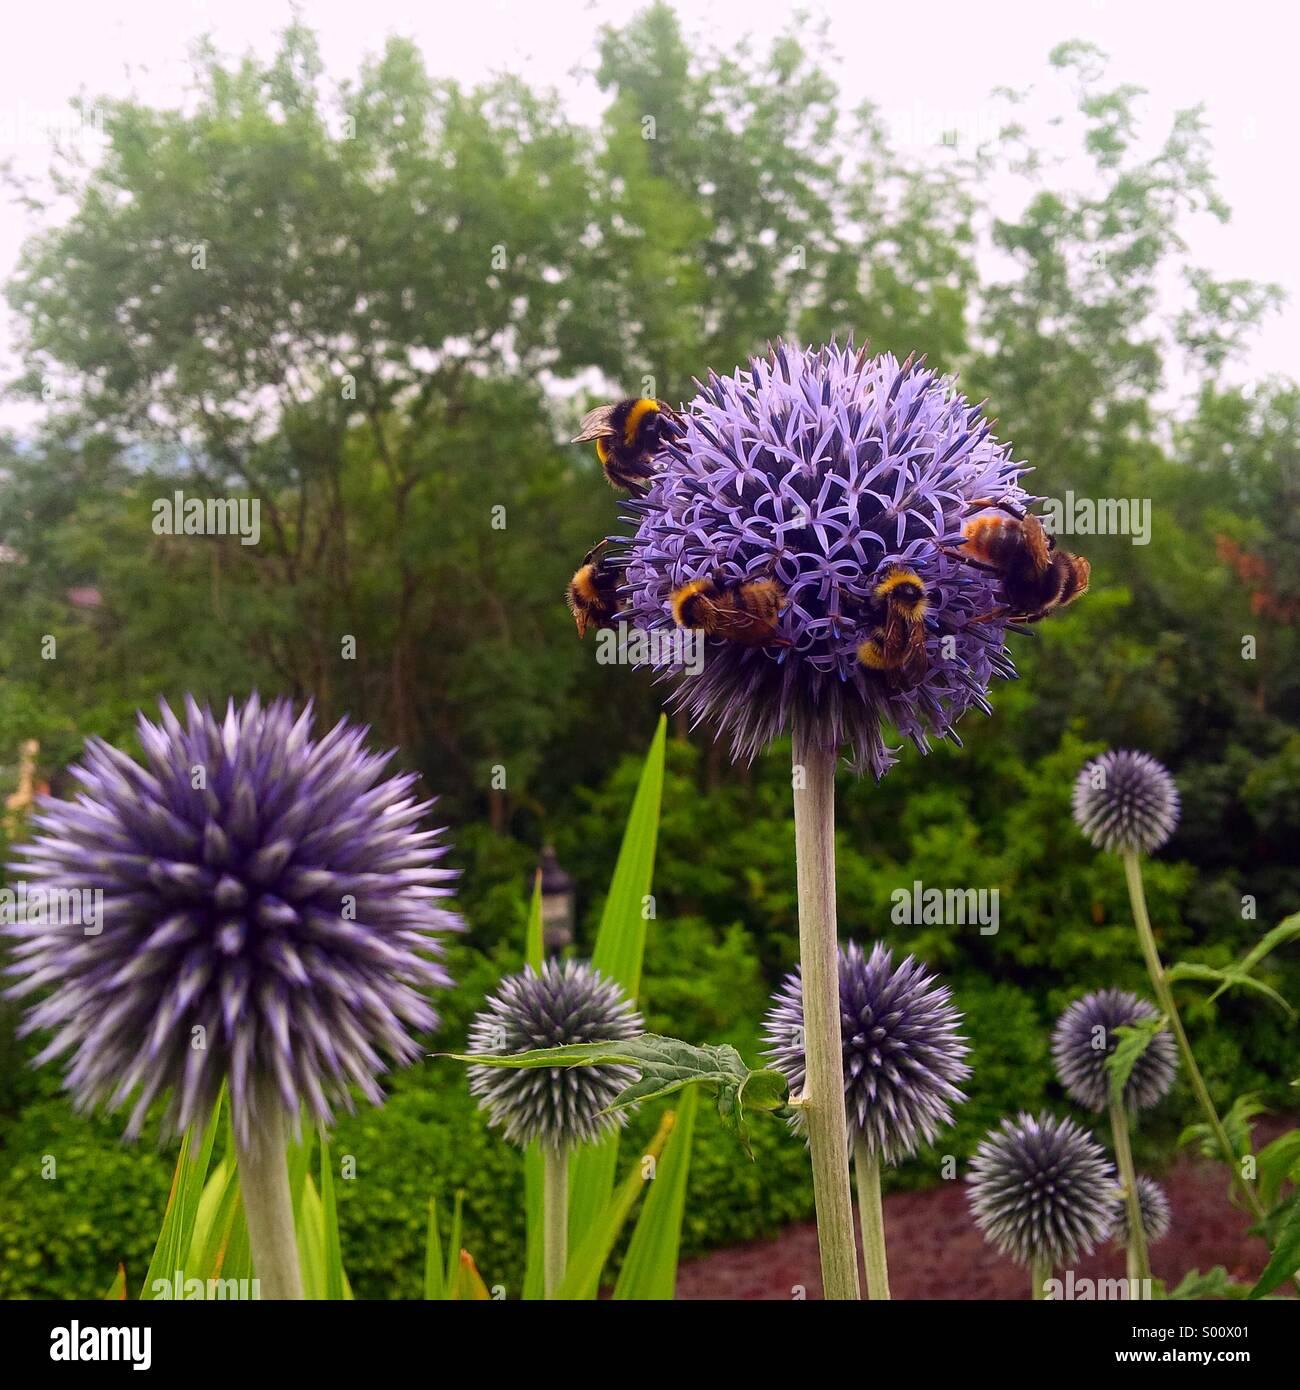 Bumble Bees ganz eine Distel Blume in einem englischen Garten. Stockbild